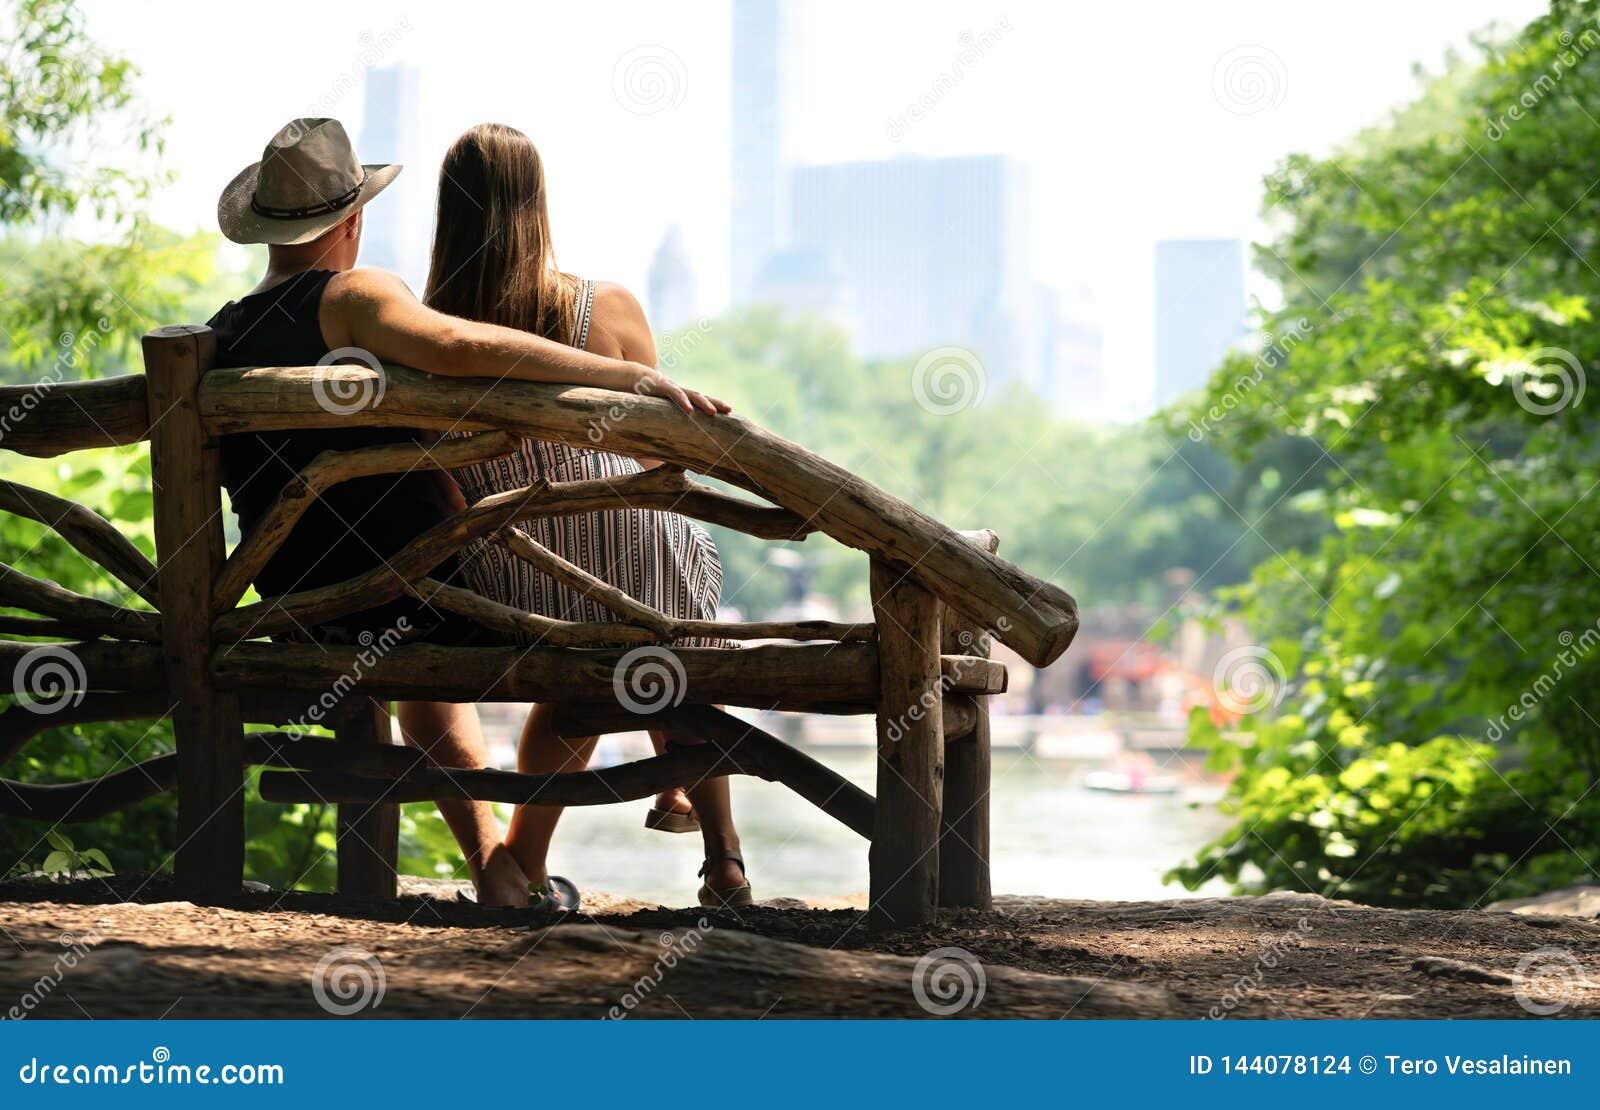 Pares que se sientan en un banco de parque y que tienen una primera fecha romántica Amantes con romance y confianza